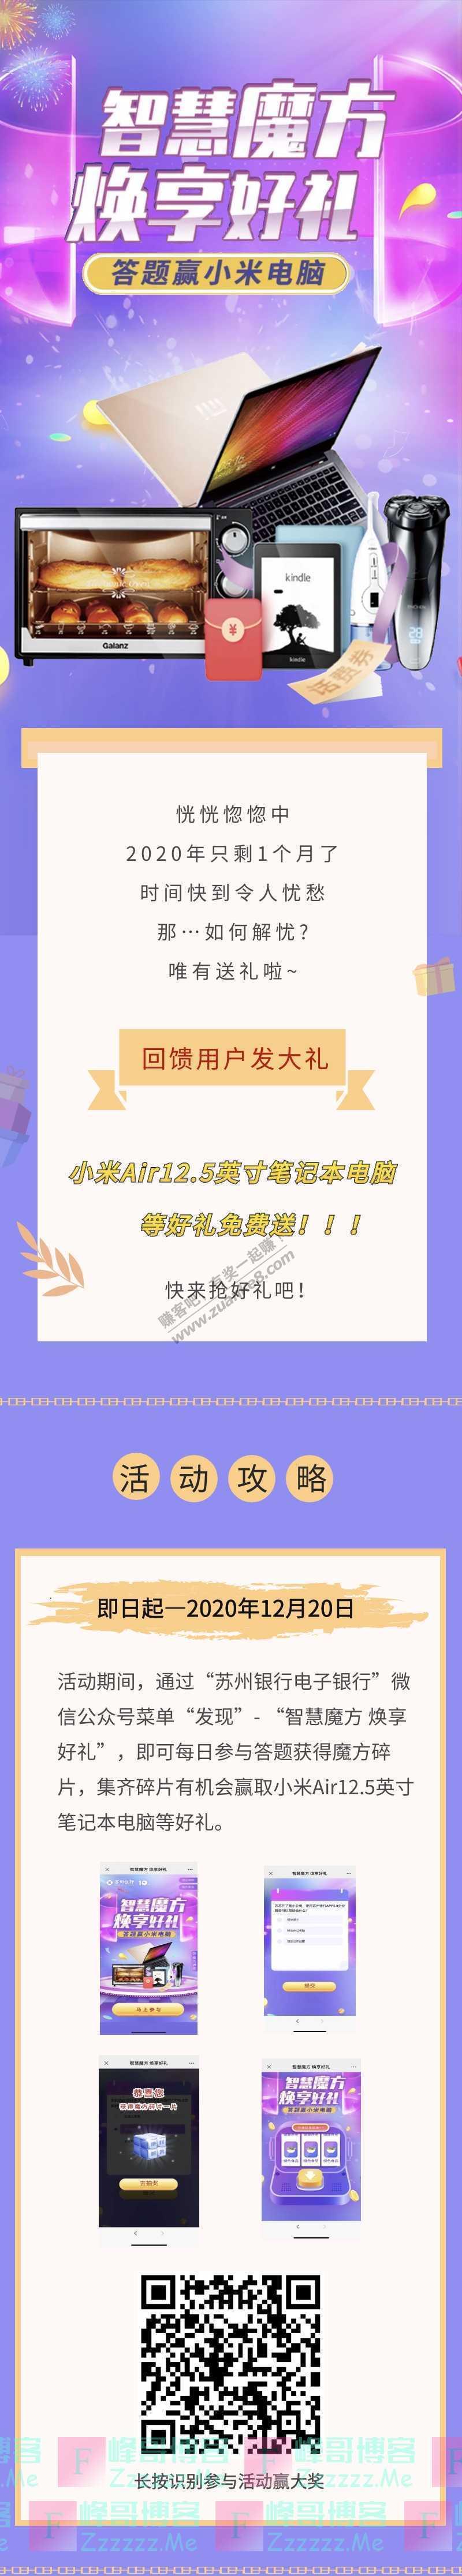 苏州银行有人@我 快来,小米笔记本电脑免费领(12月20日截止)